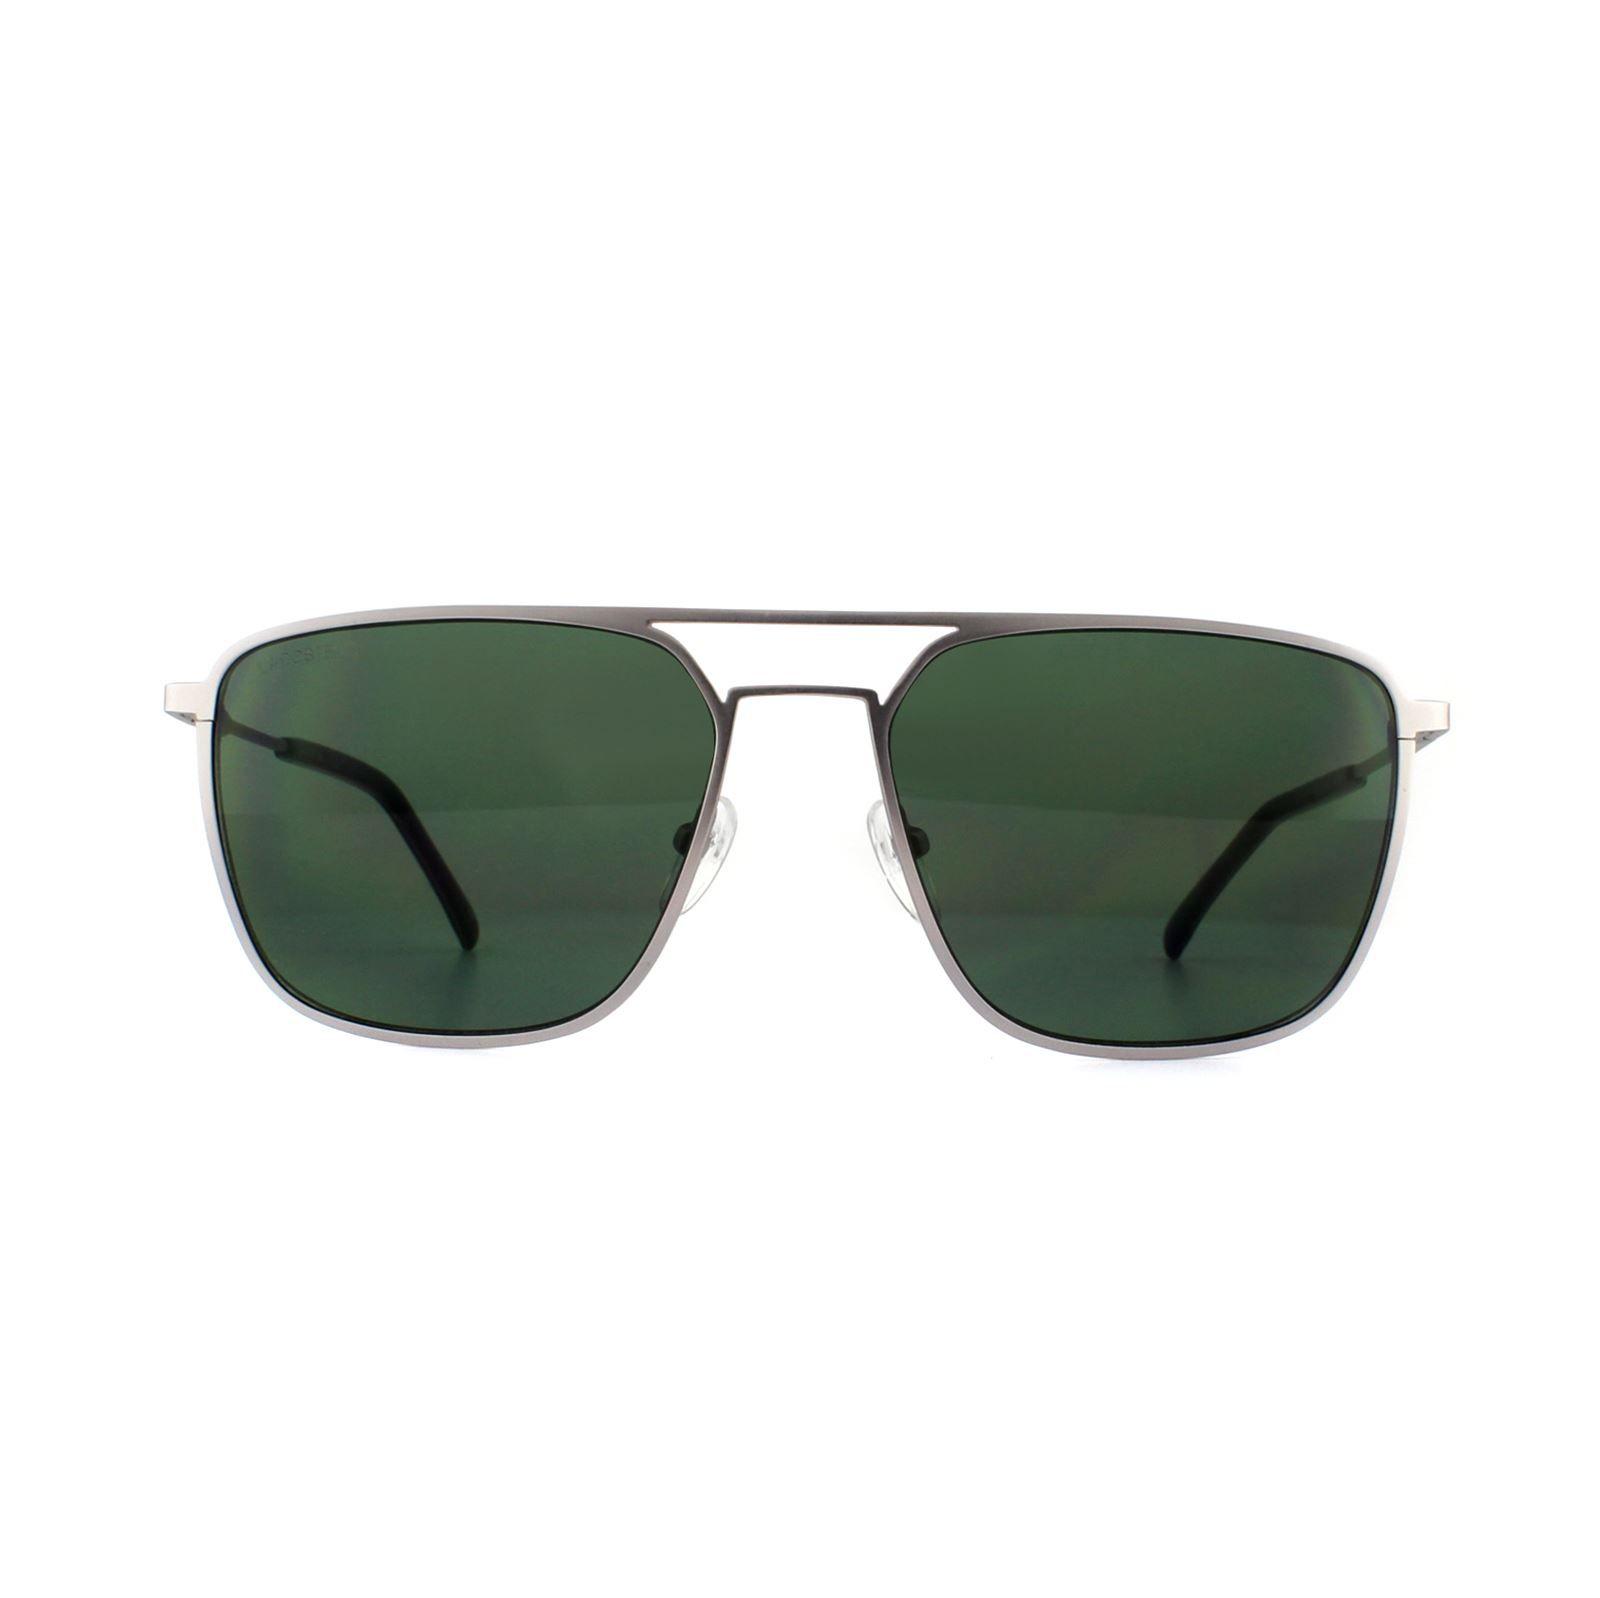 Lacoste Sunglasses L194S 035 Silver Green